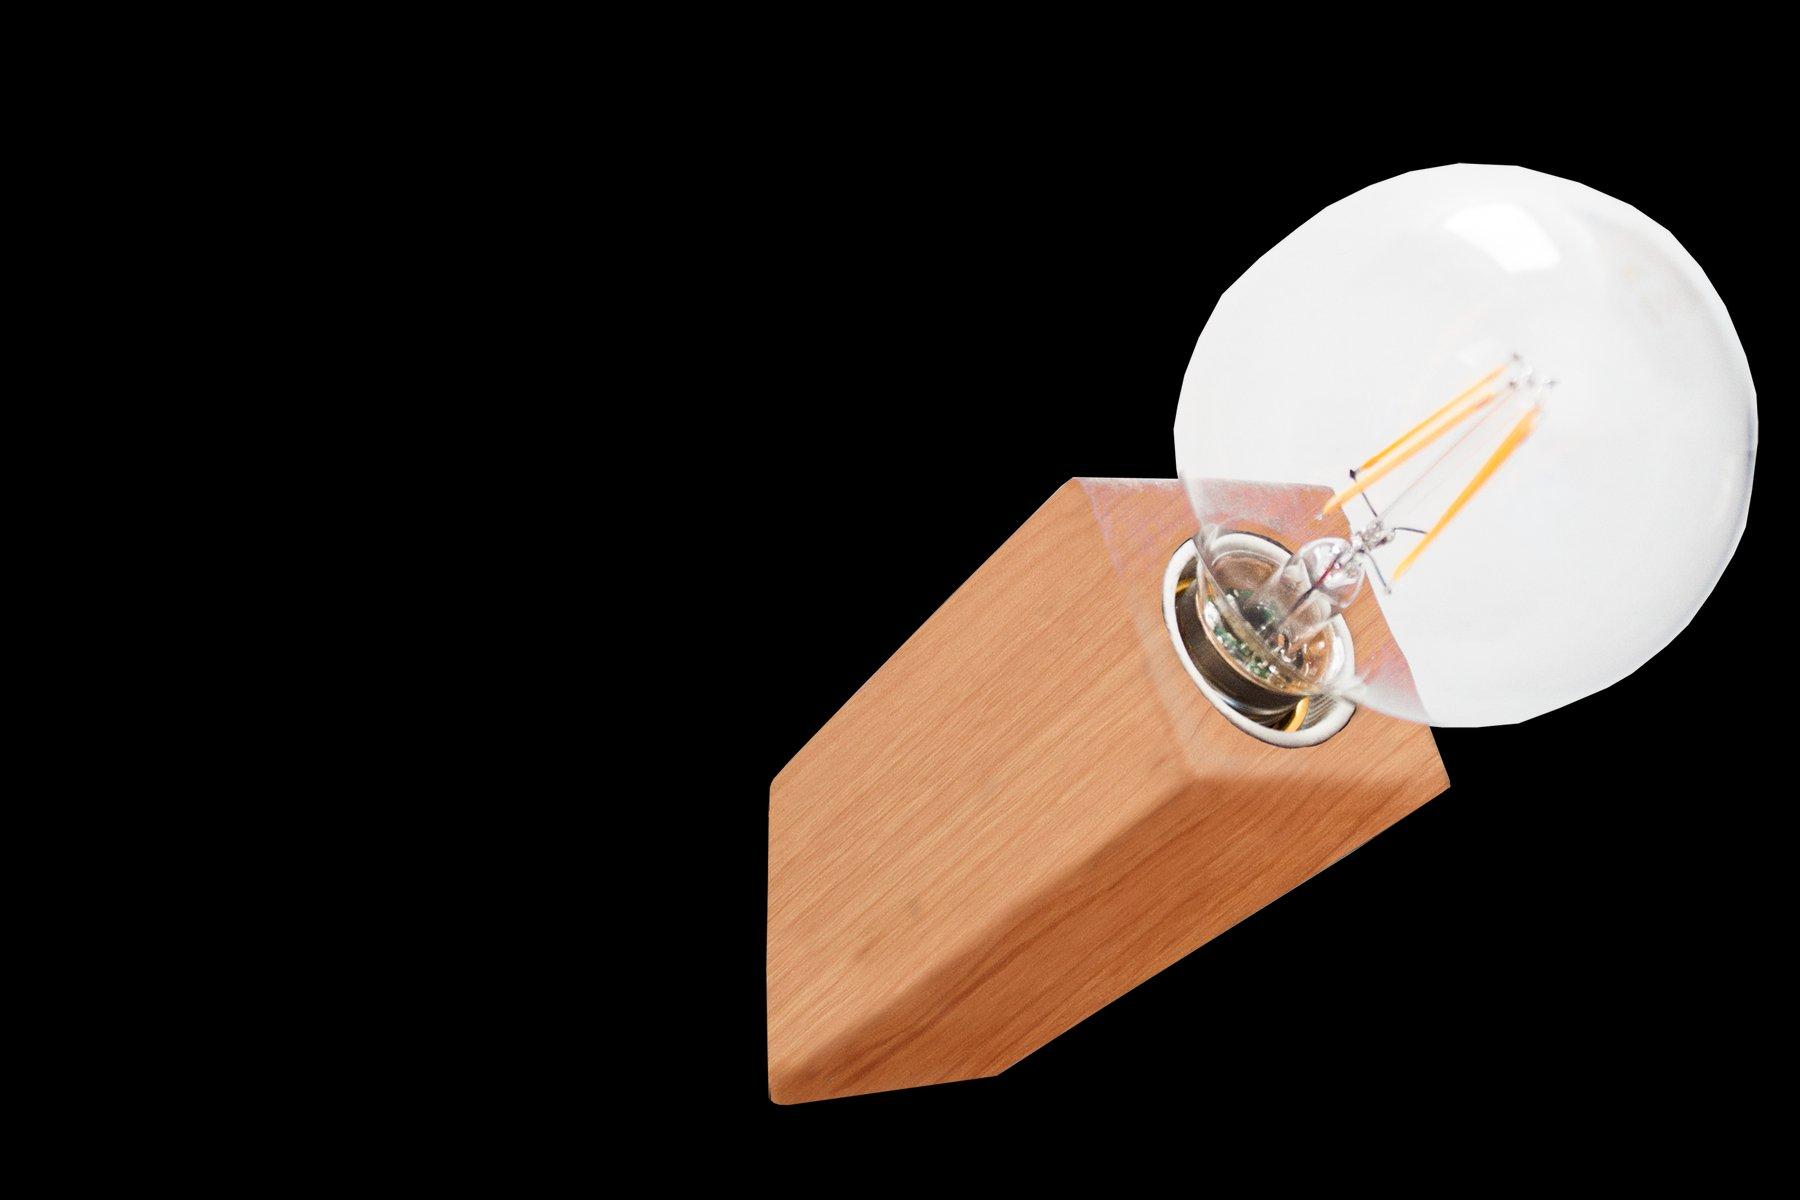 Pirn Wandlampe aus Kirschholz von Andrea Pregl für Ulap design